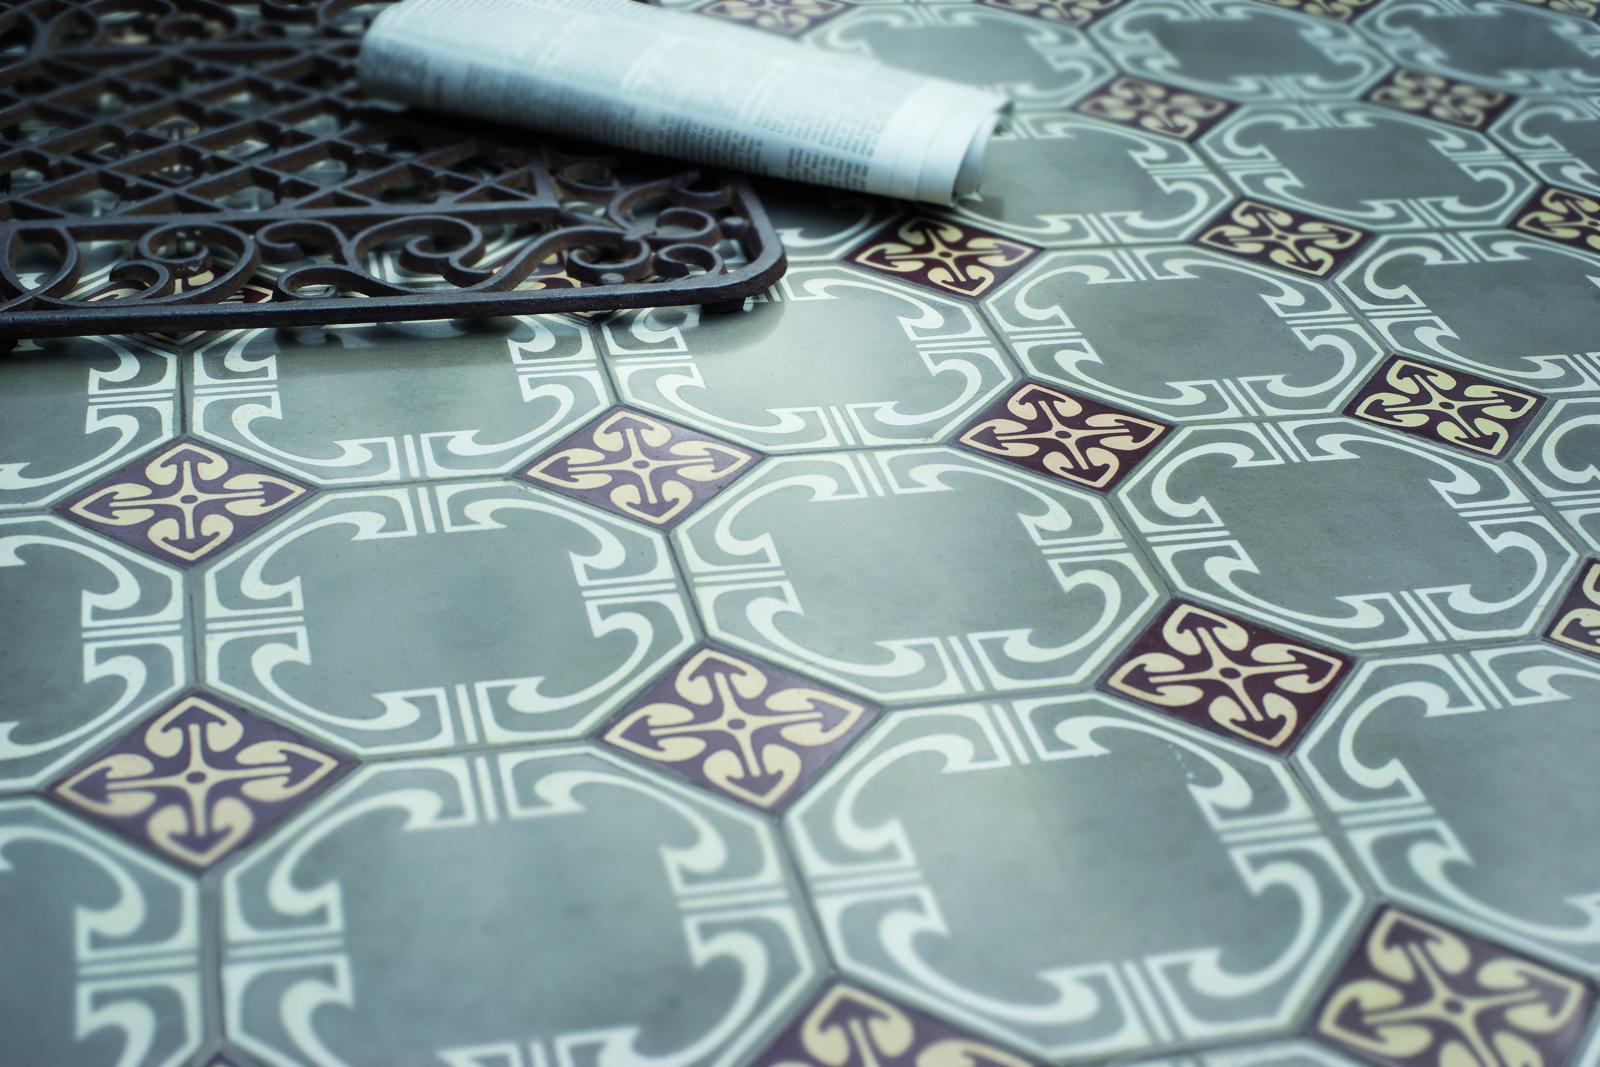 zementmosaikplatten-nummer-58040-flur-VIA GmbH